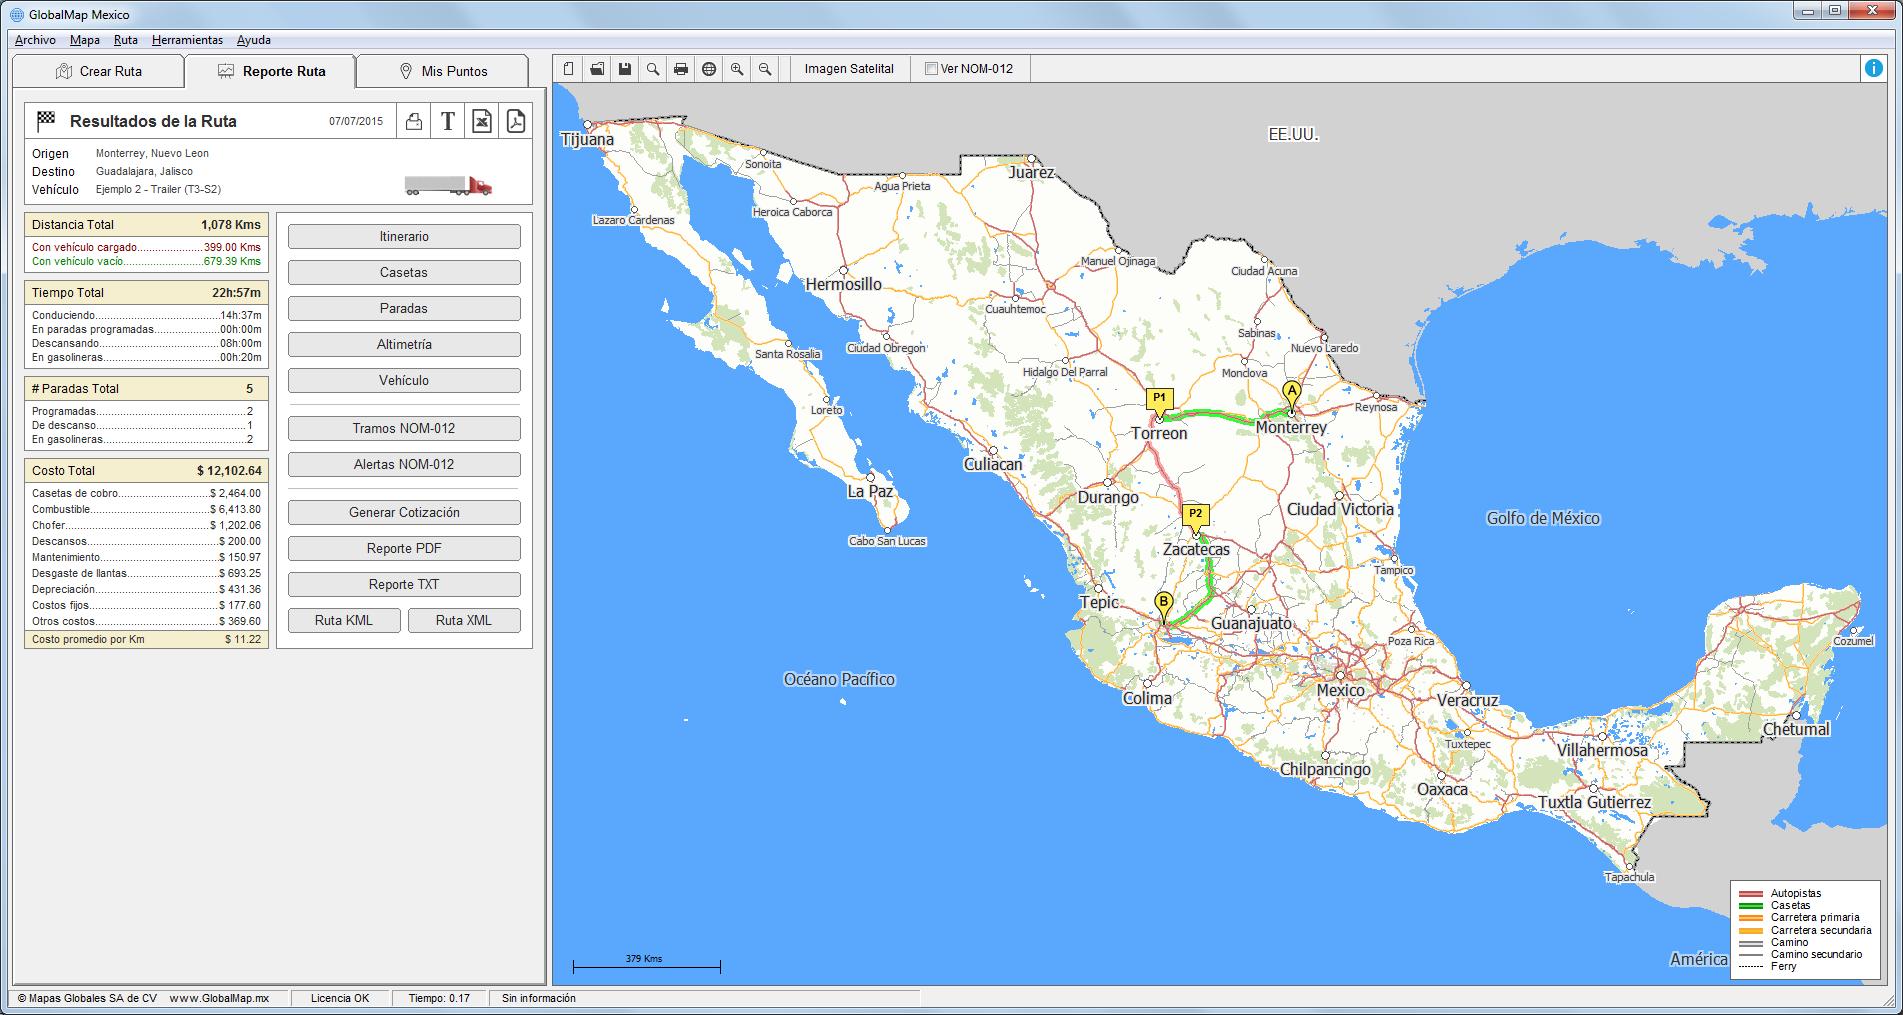 global map de mexico: